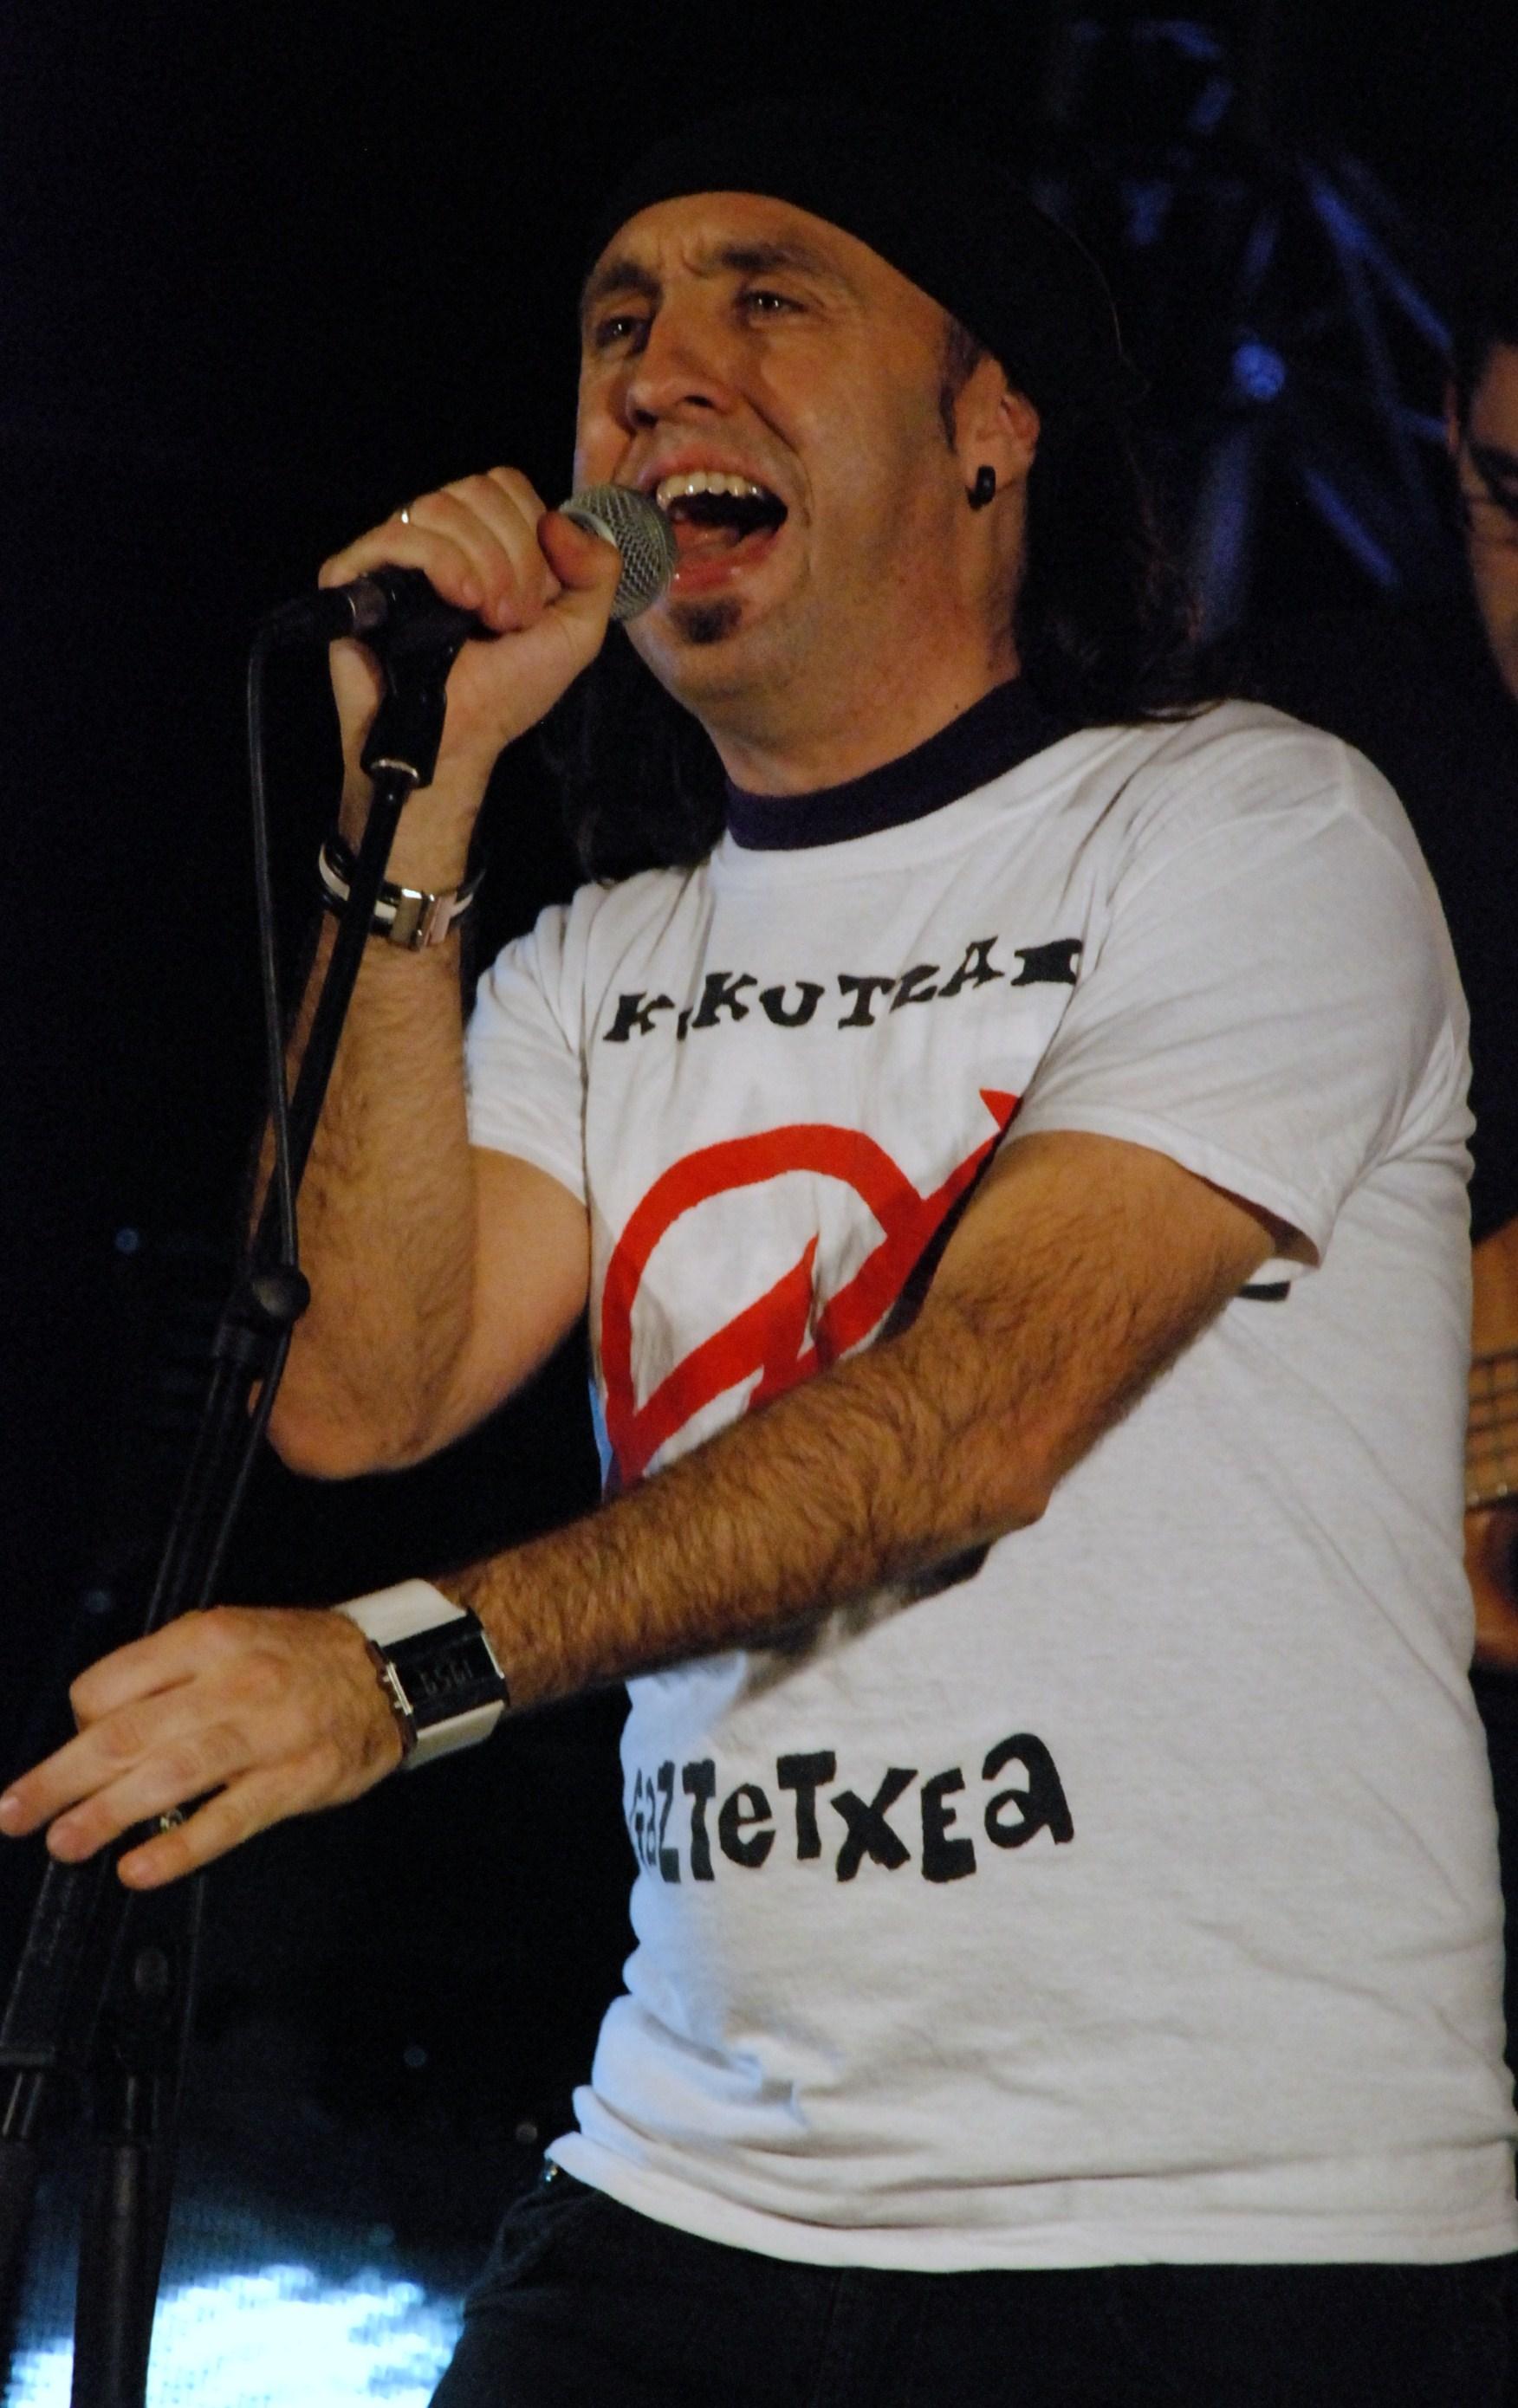 http://www.musikota.com/